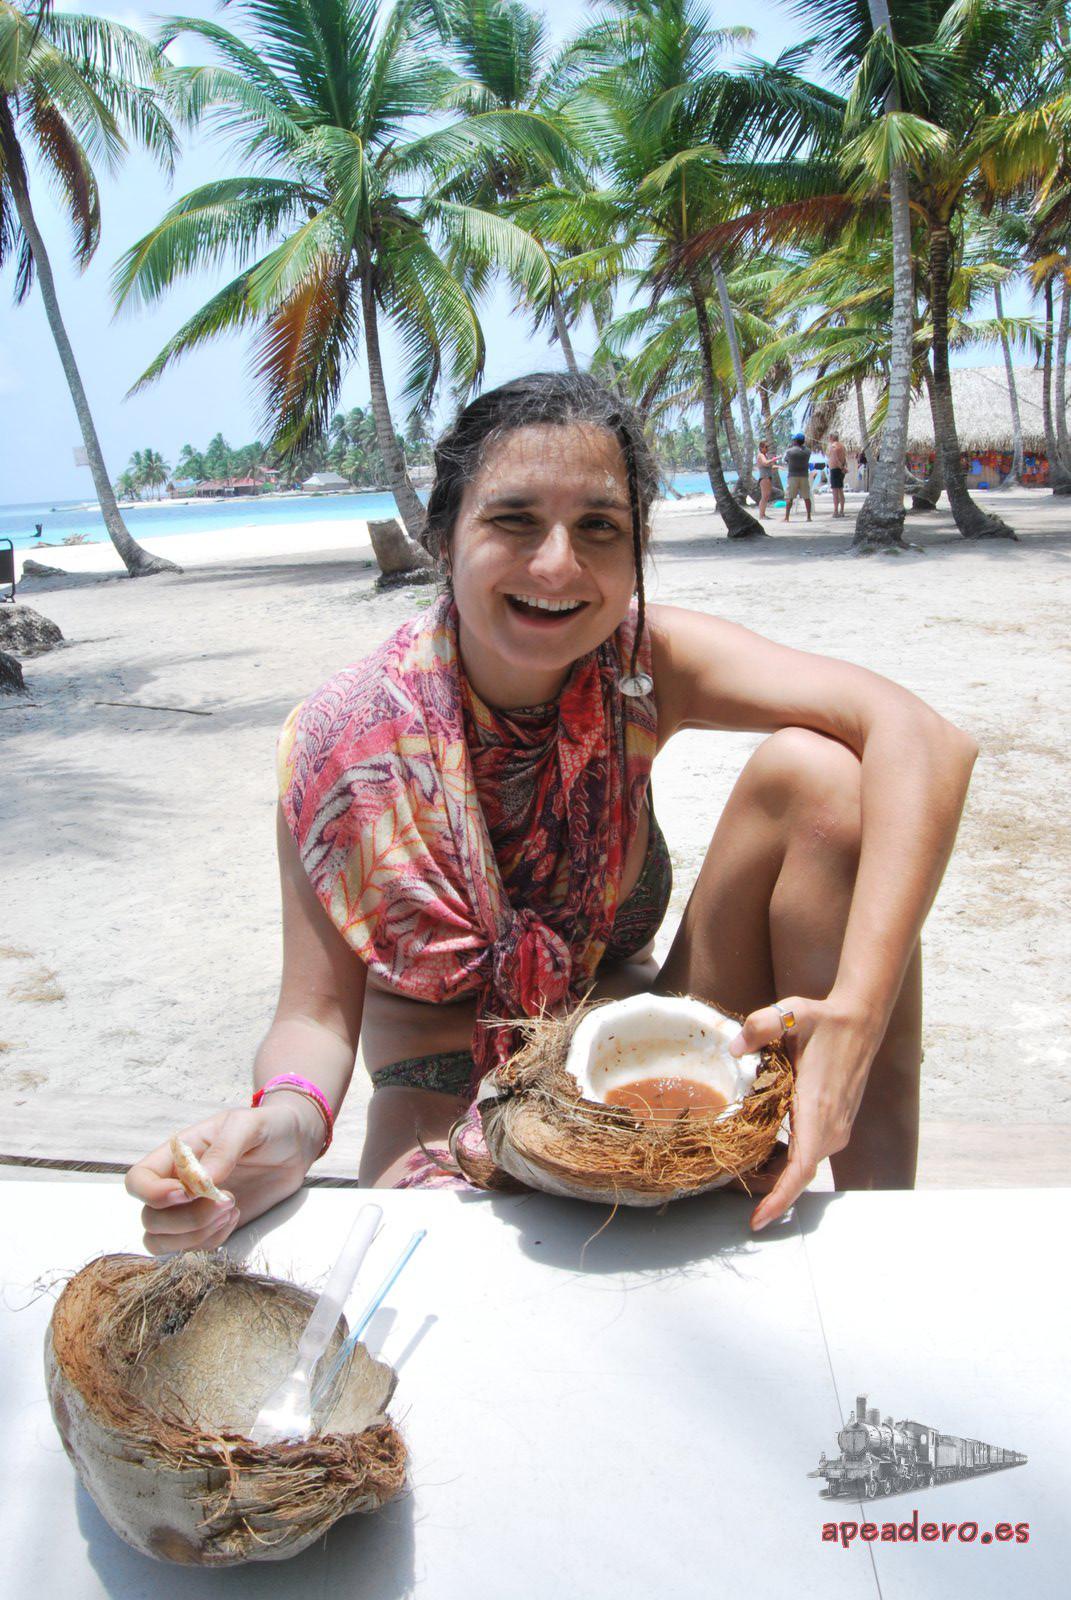 Los cocos que hay en la isla son de los Guna, pero nadie te va a impedir comerte todos los que caigan cerca de ti... o usarlo como plato. Ah, cuidado con los cocos, caen muchos y tienen mucho peligro. Montad la tienda en un lugar seguro.